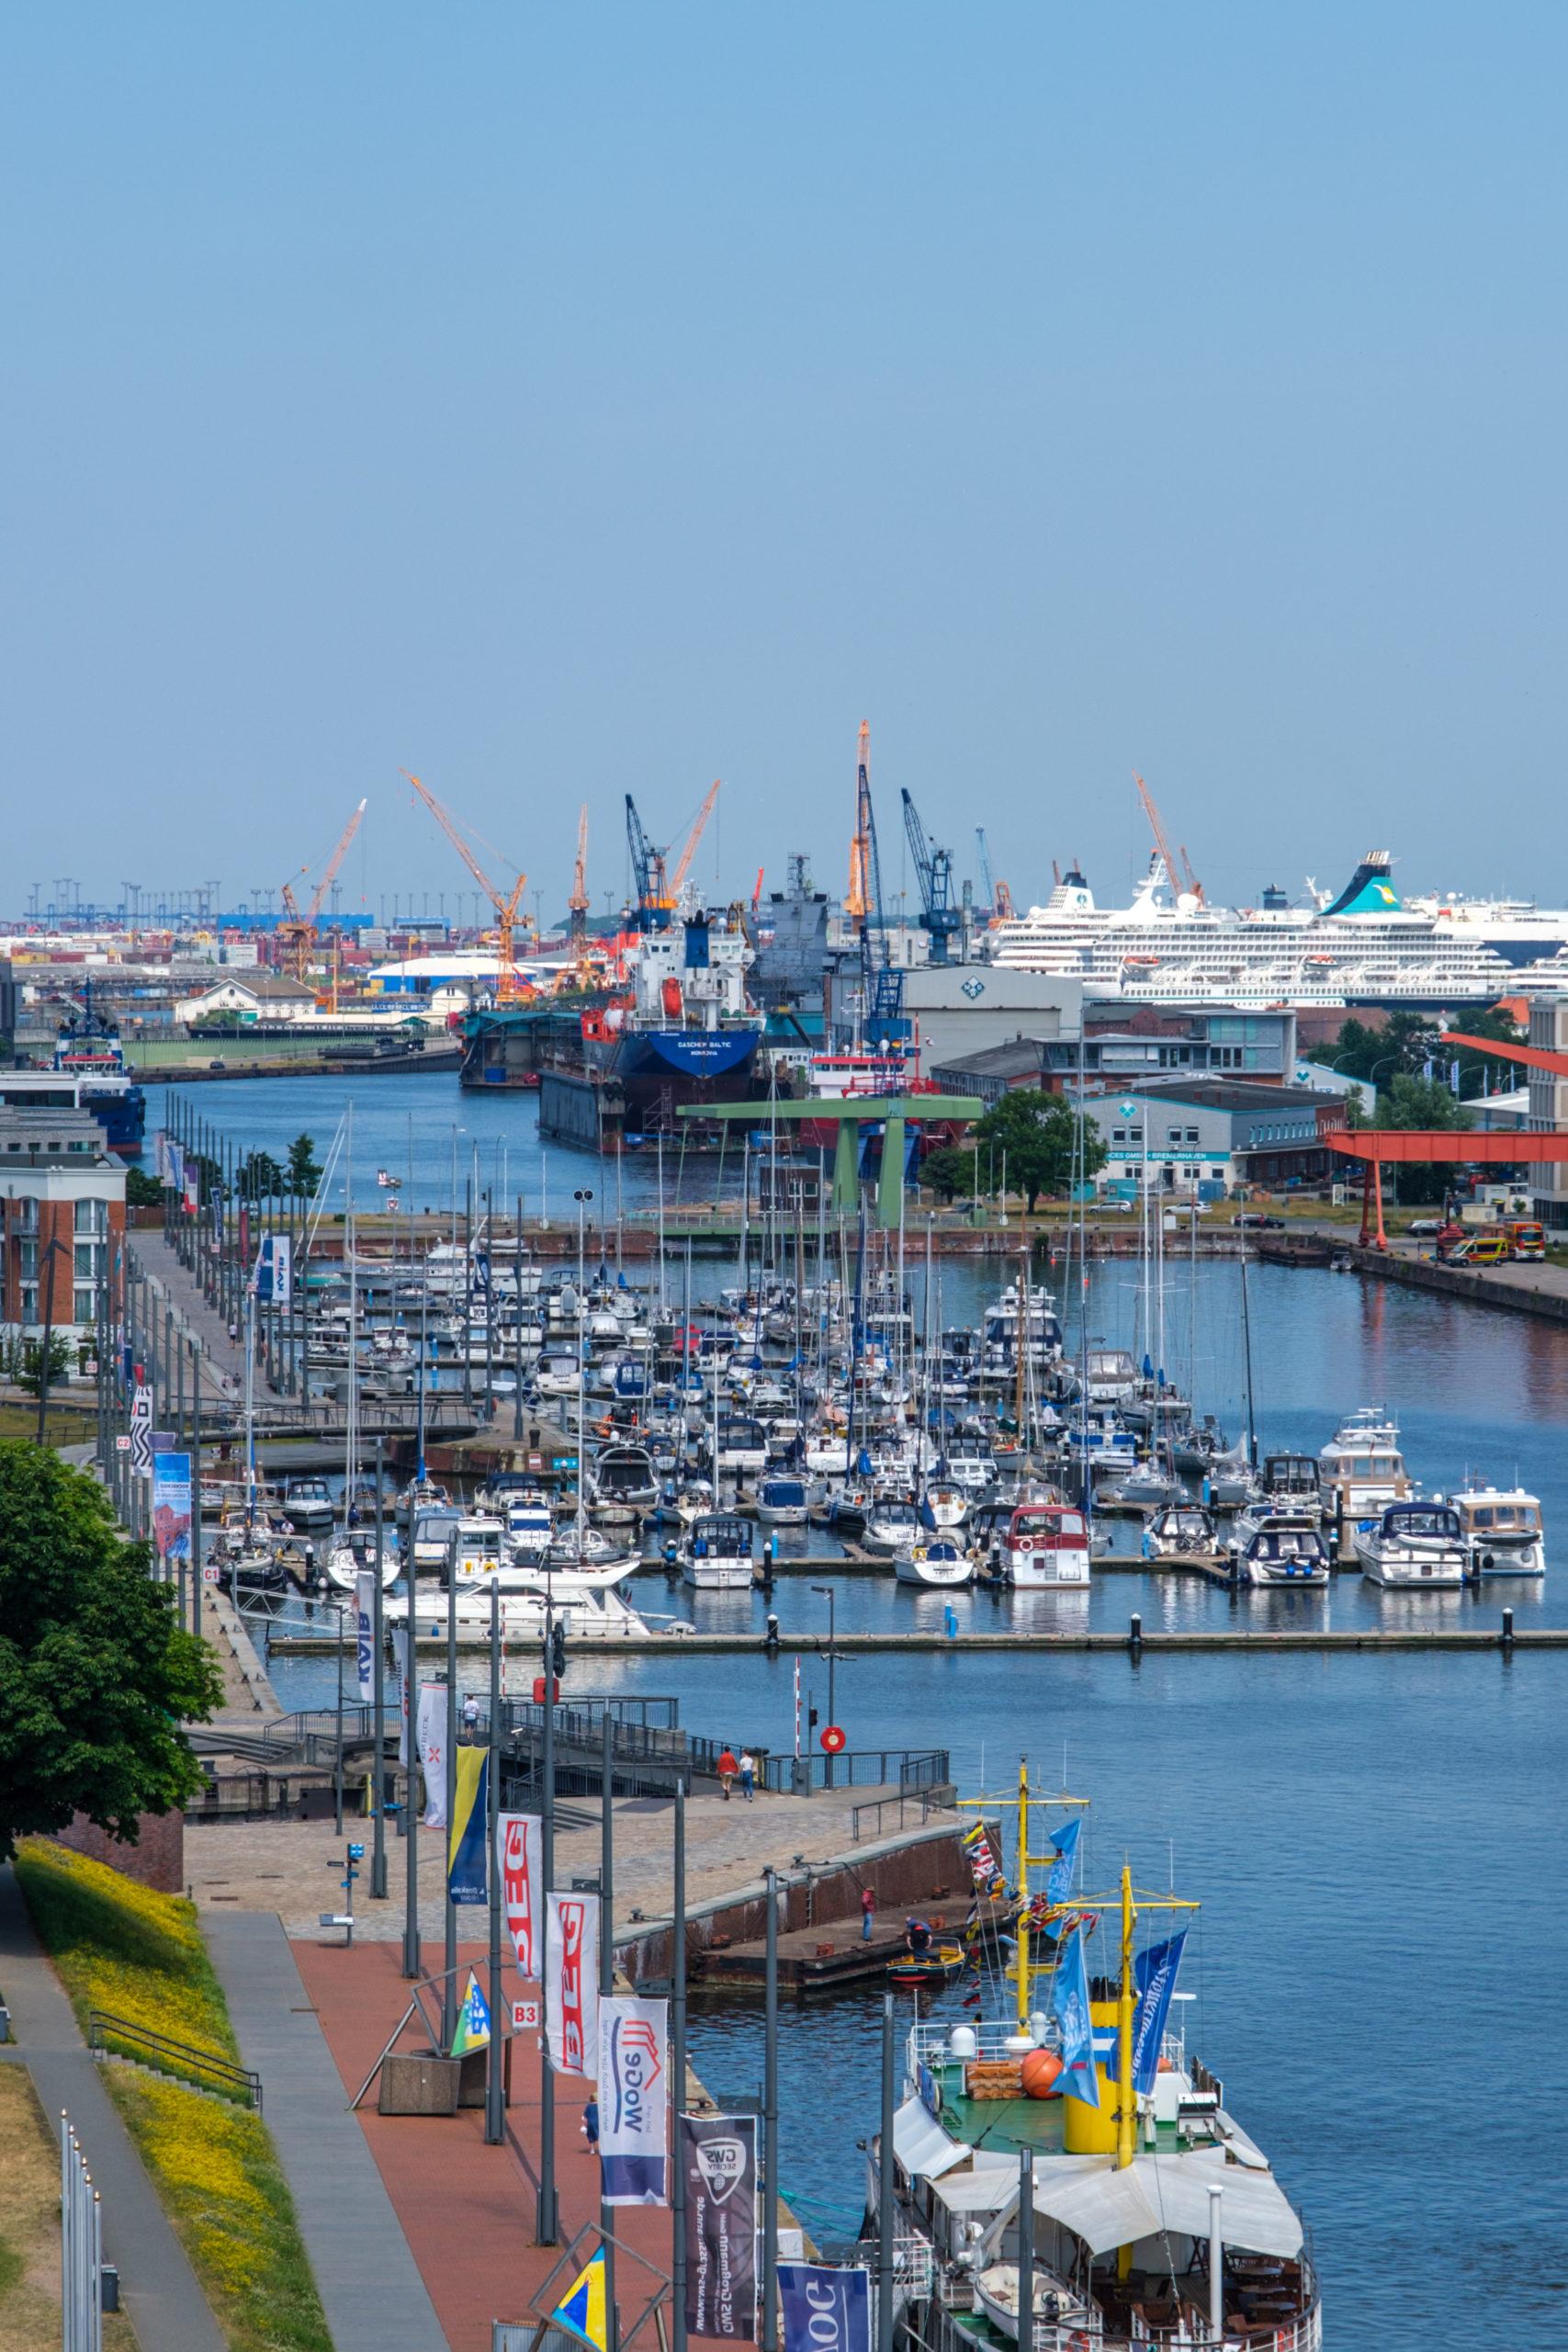 Neuer Hafen - Bremerhaven